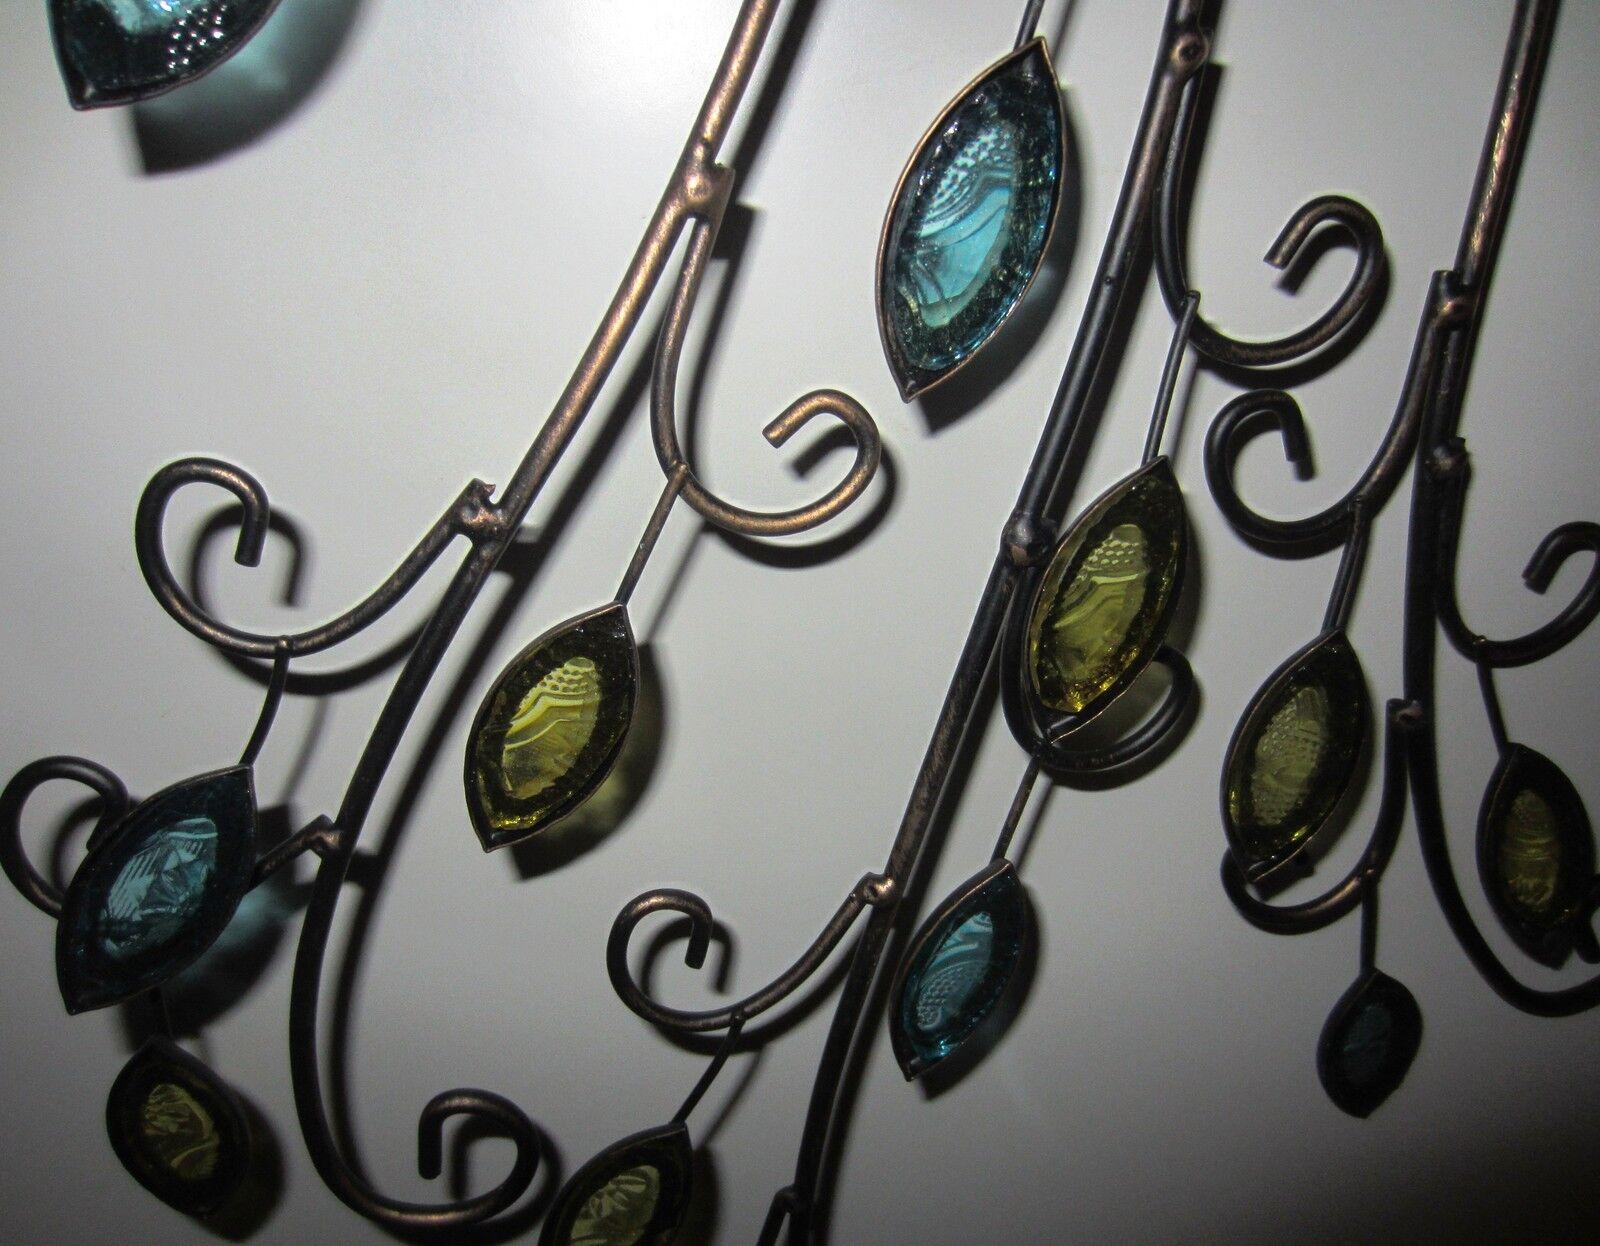 Pfau deko metall wanddeko dekoration 75 x 36 cm neu eur for Dekoration metall